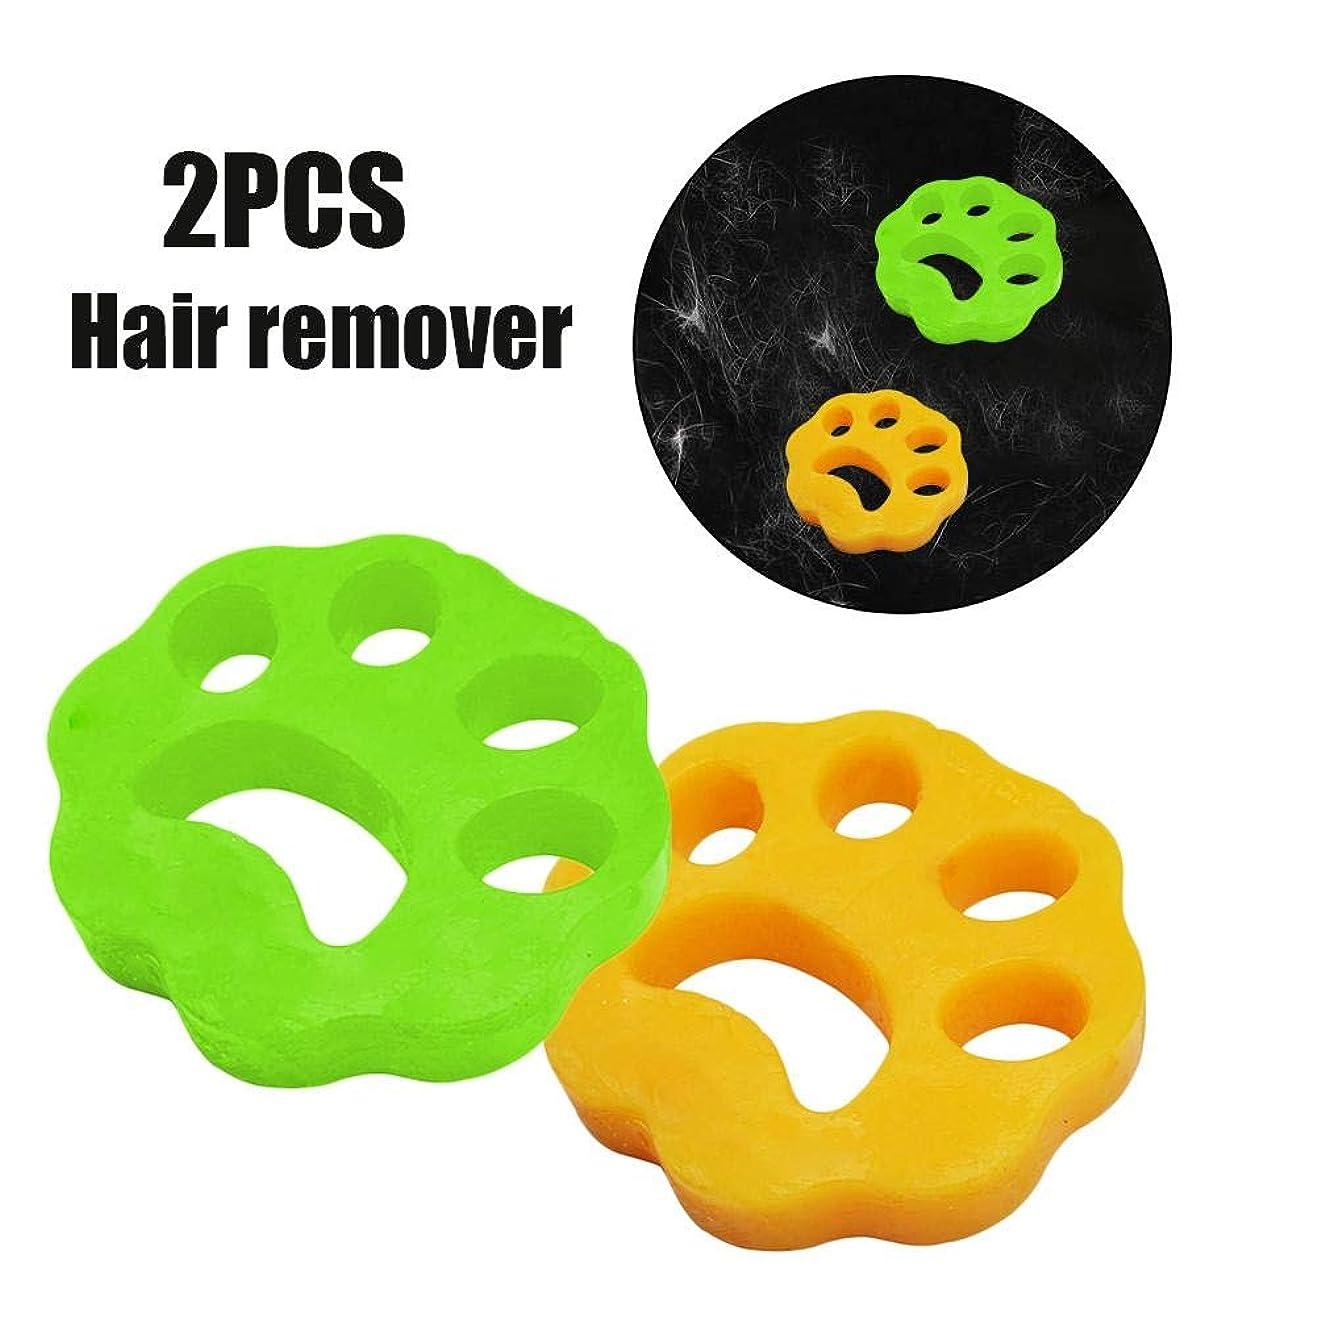 幸運アドバイス驚くばかりクリーニングボール洗濯機脱毛器ペット毛髪服髪、それは非常に柔らかく、粘着性があり、柔軟な材料で作られています